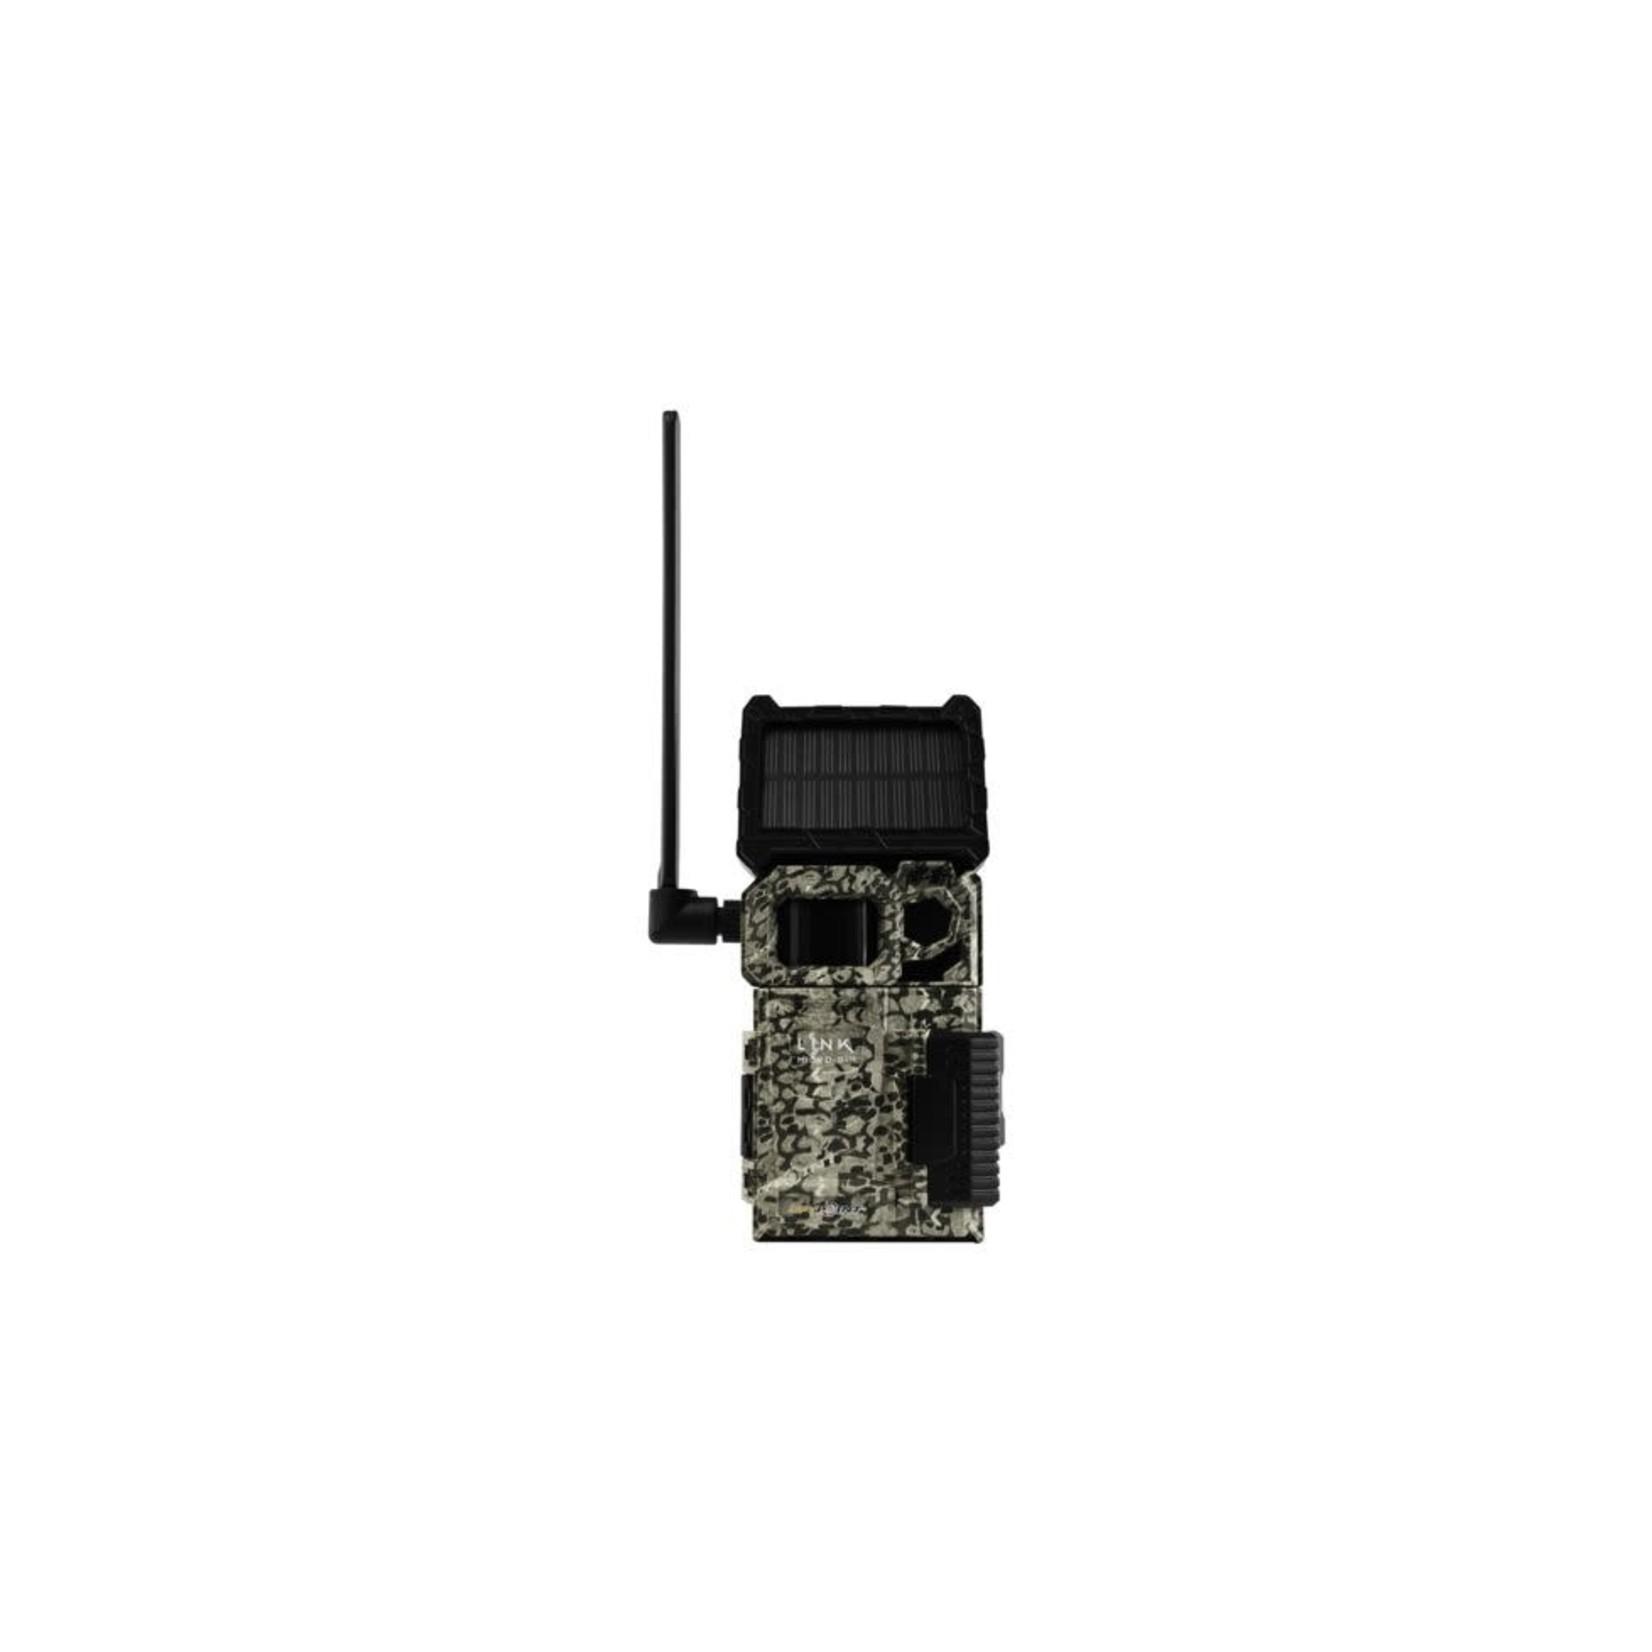 LINK-MICRO-S-LTE Trail Camera